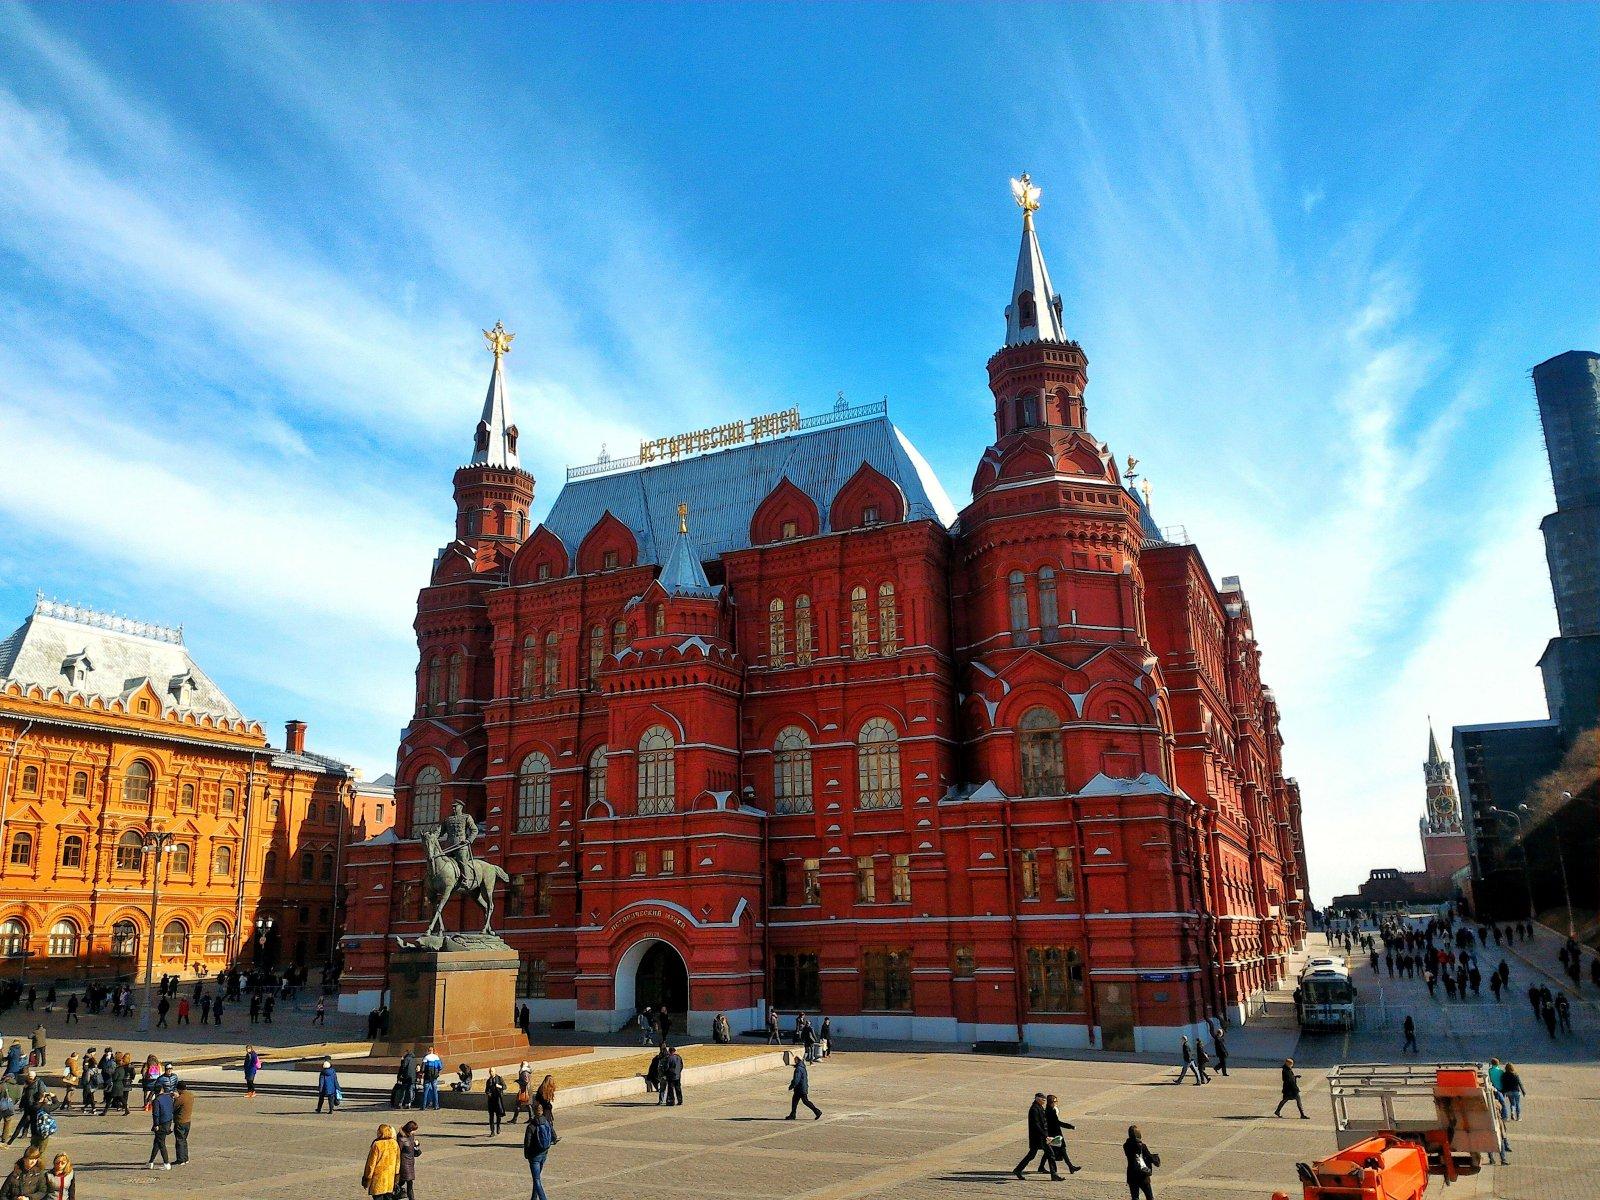 Музеи москвы картинки и названия, картинка для